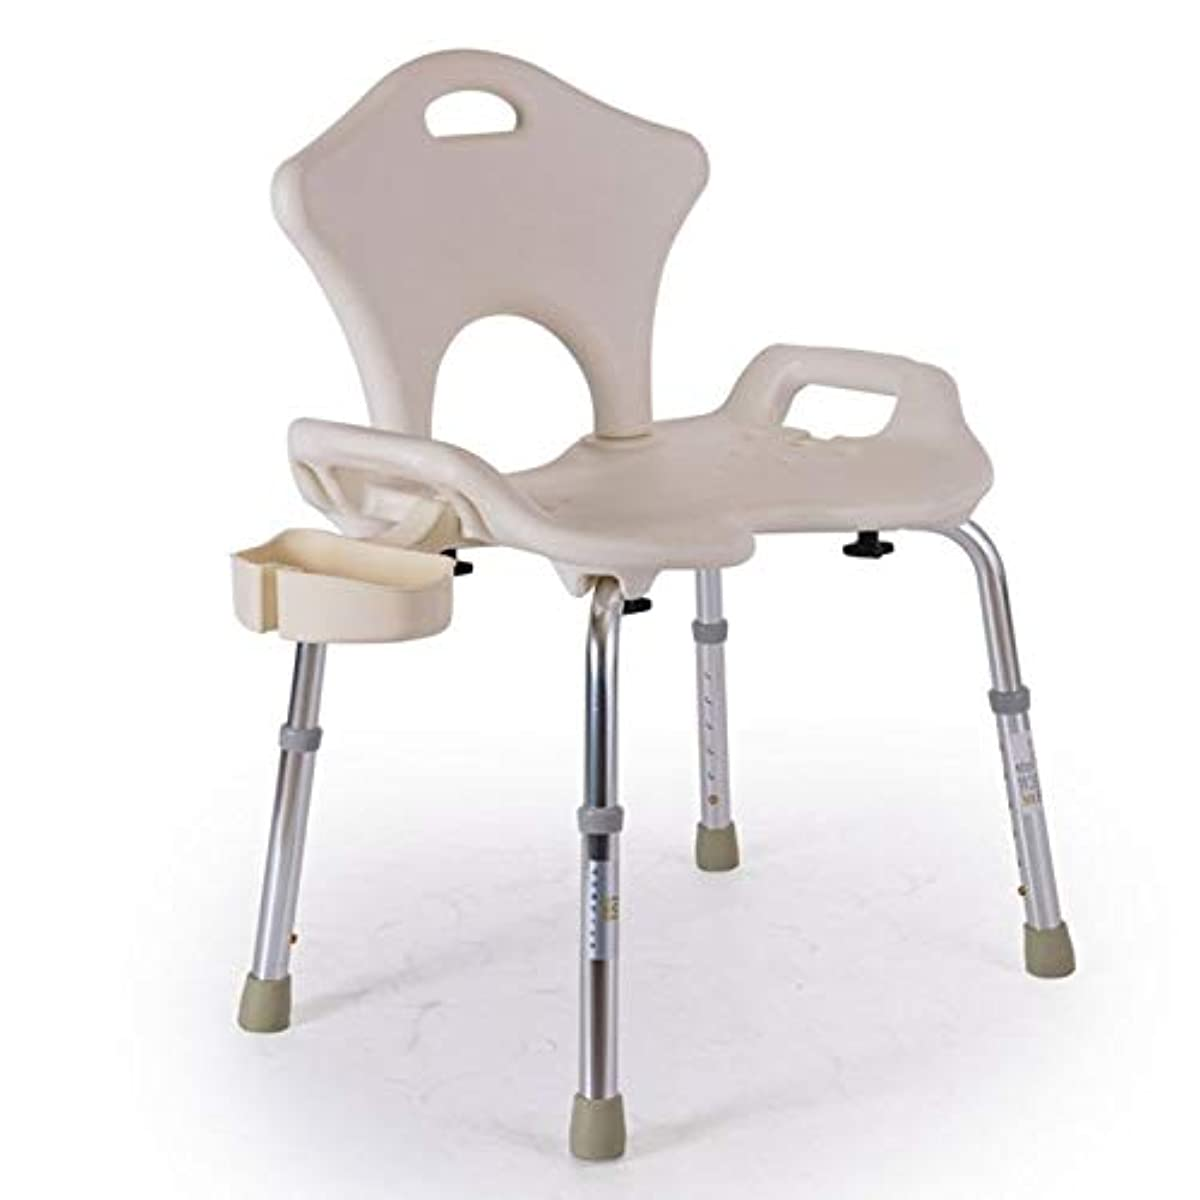 追い付く動物失速浴室の椅子、アルミニウム合金の折り畳み式滑り止め風呂椅子